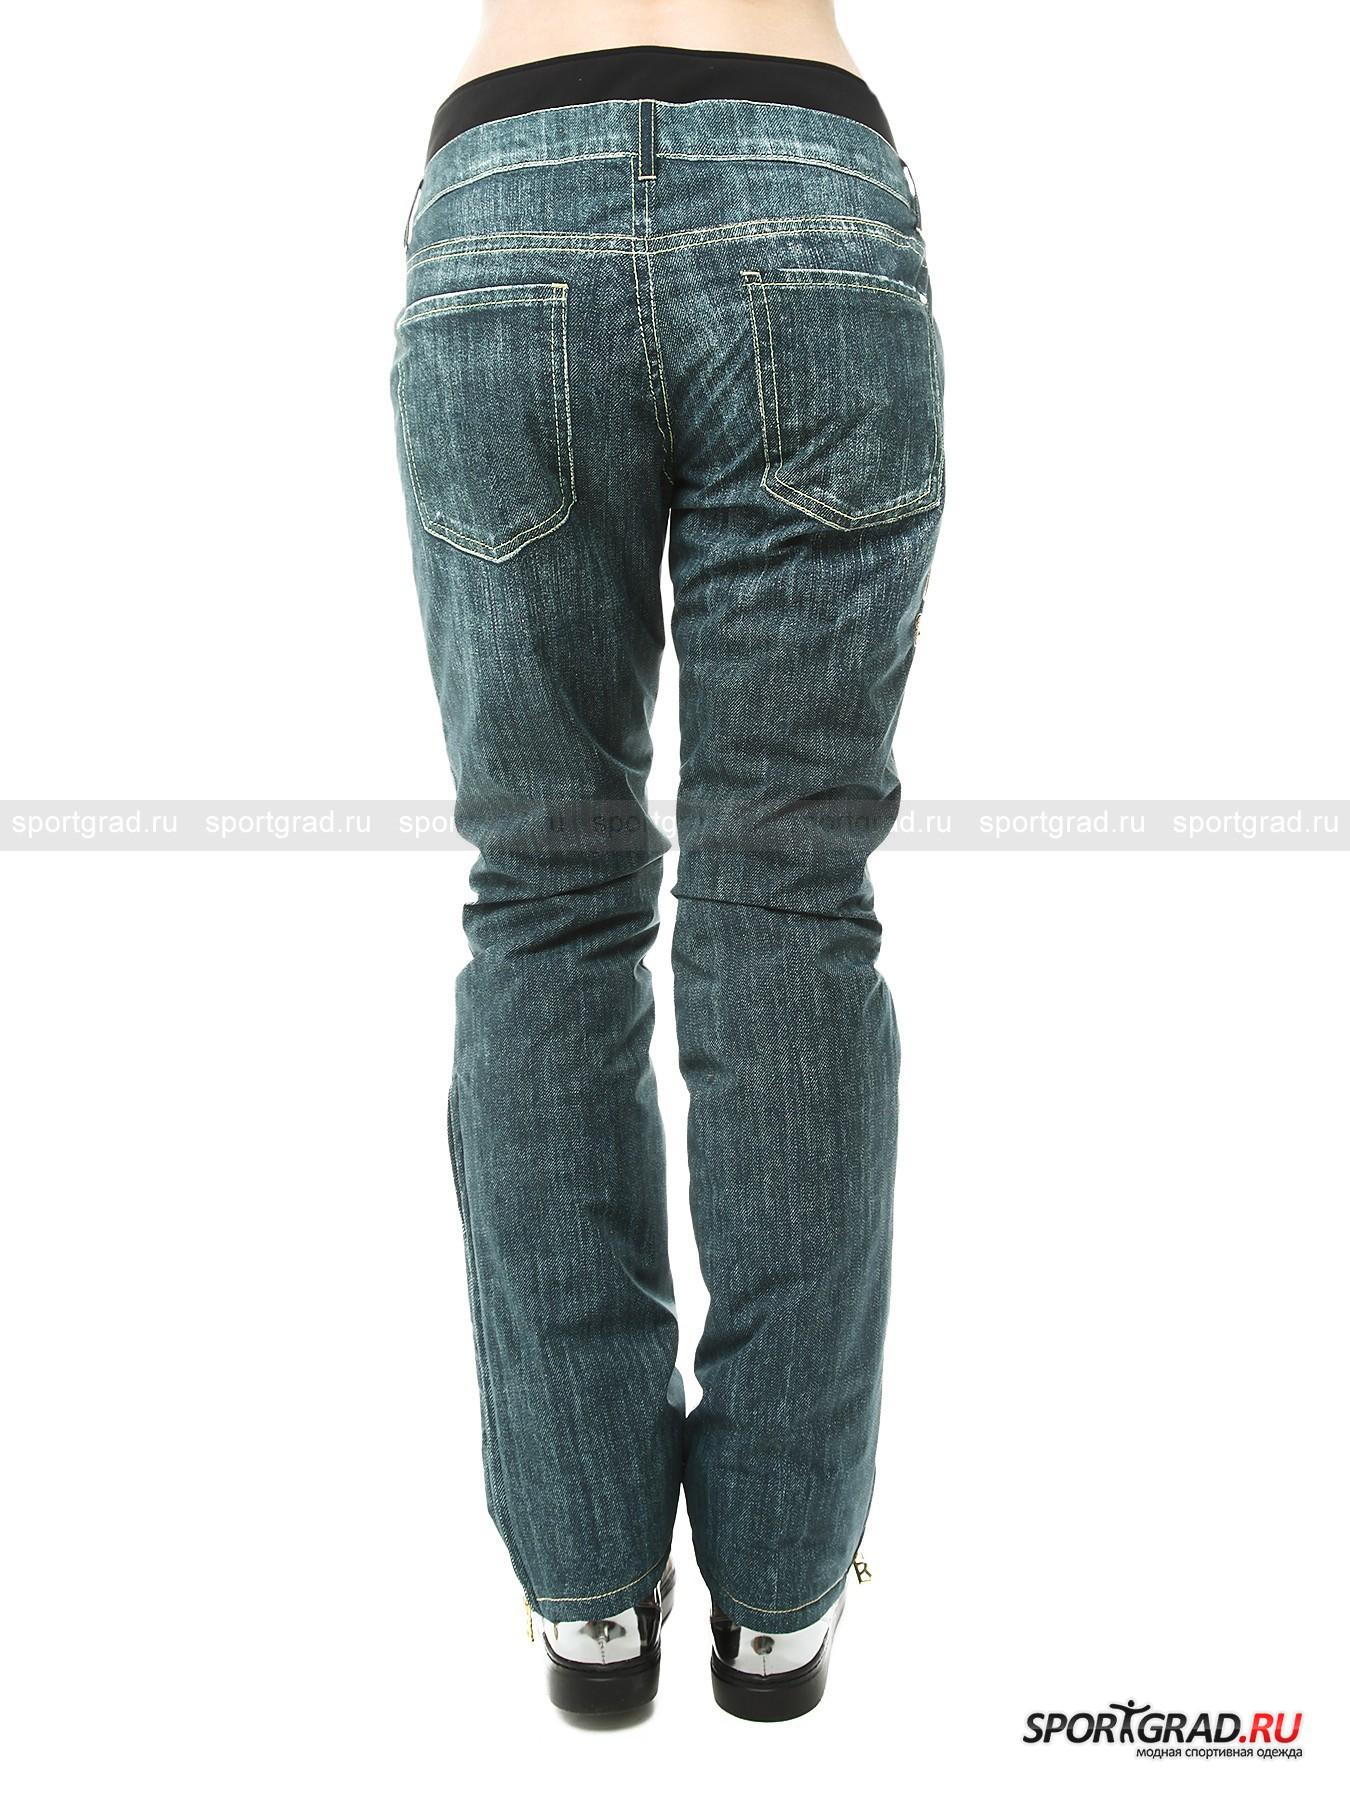 Спортмастер женские брюки доставка